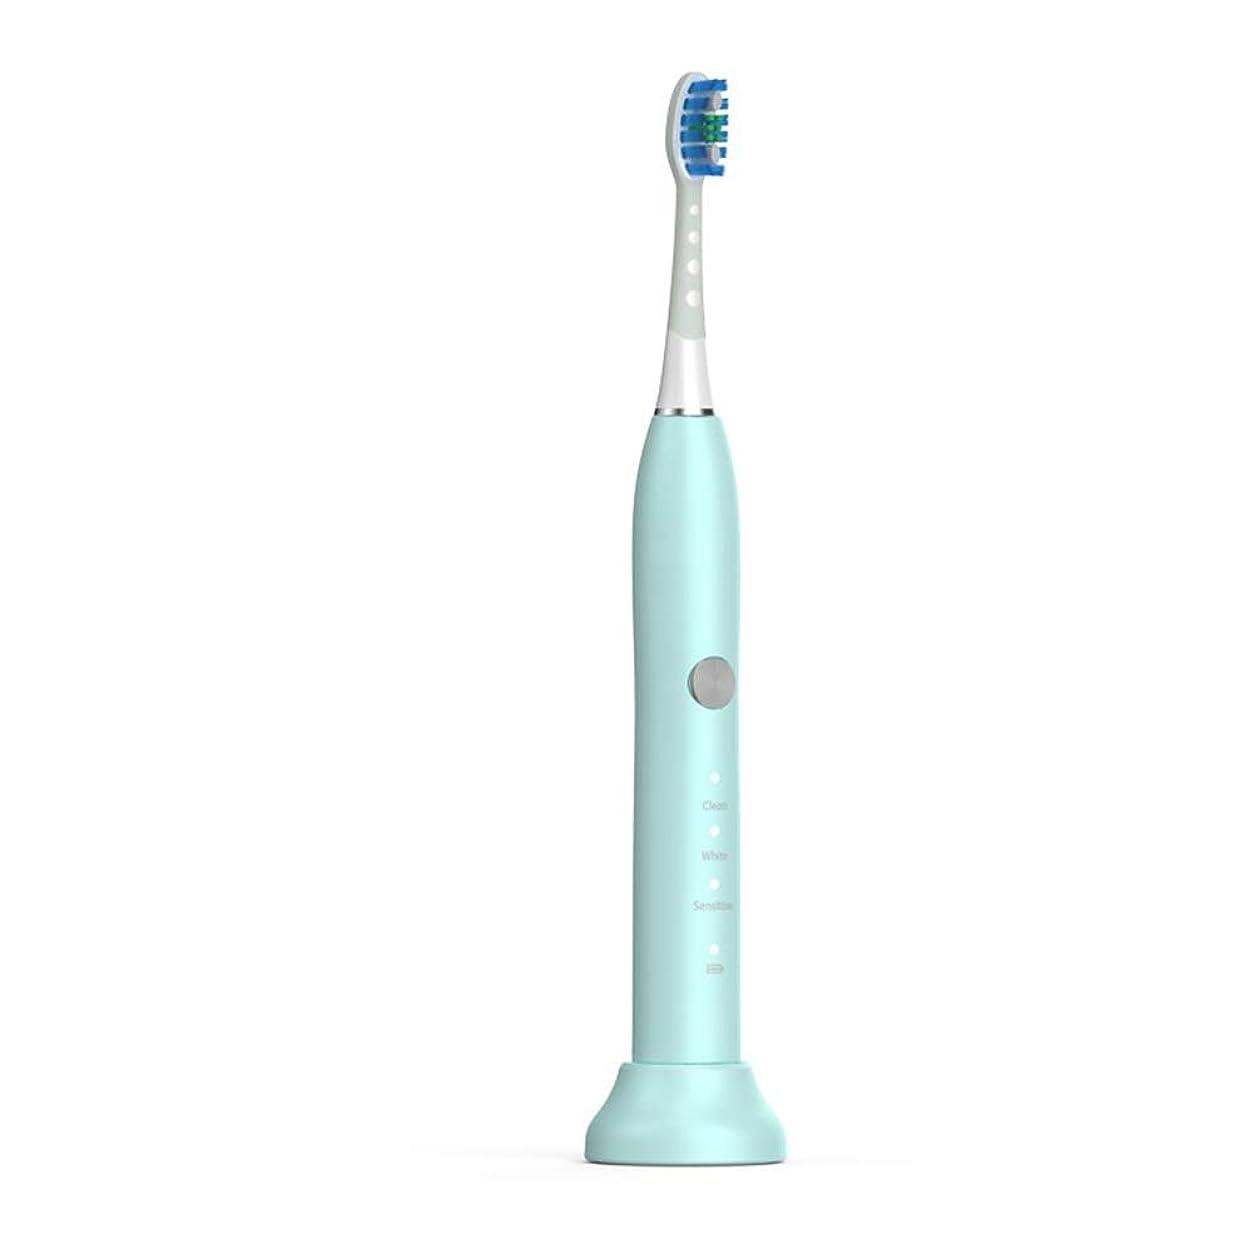 おもちゃチロ動くUSB充電ベースホルダー付き電動歯ブラシ柔らかい髪の保護用清潔な歯ブラシ歯科医推奨 完全な口腔ケアのために (色 : 緑, サイズ : Free size)